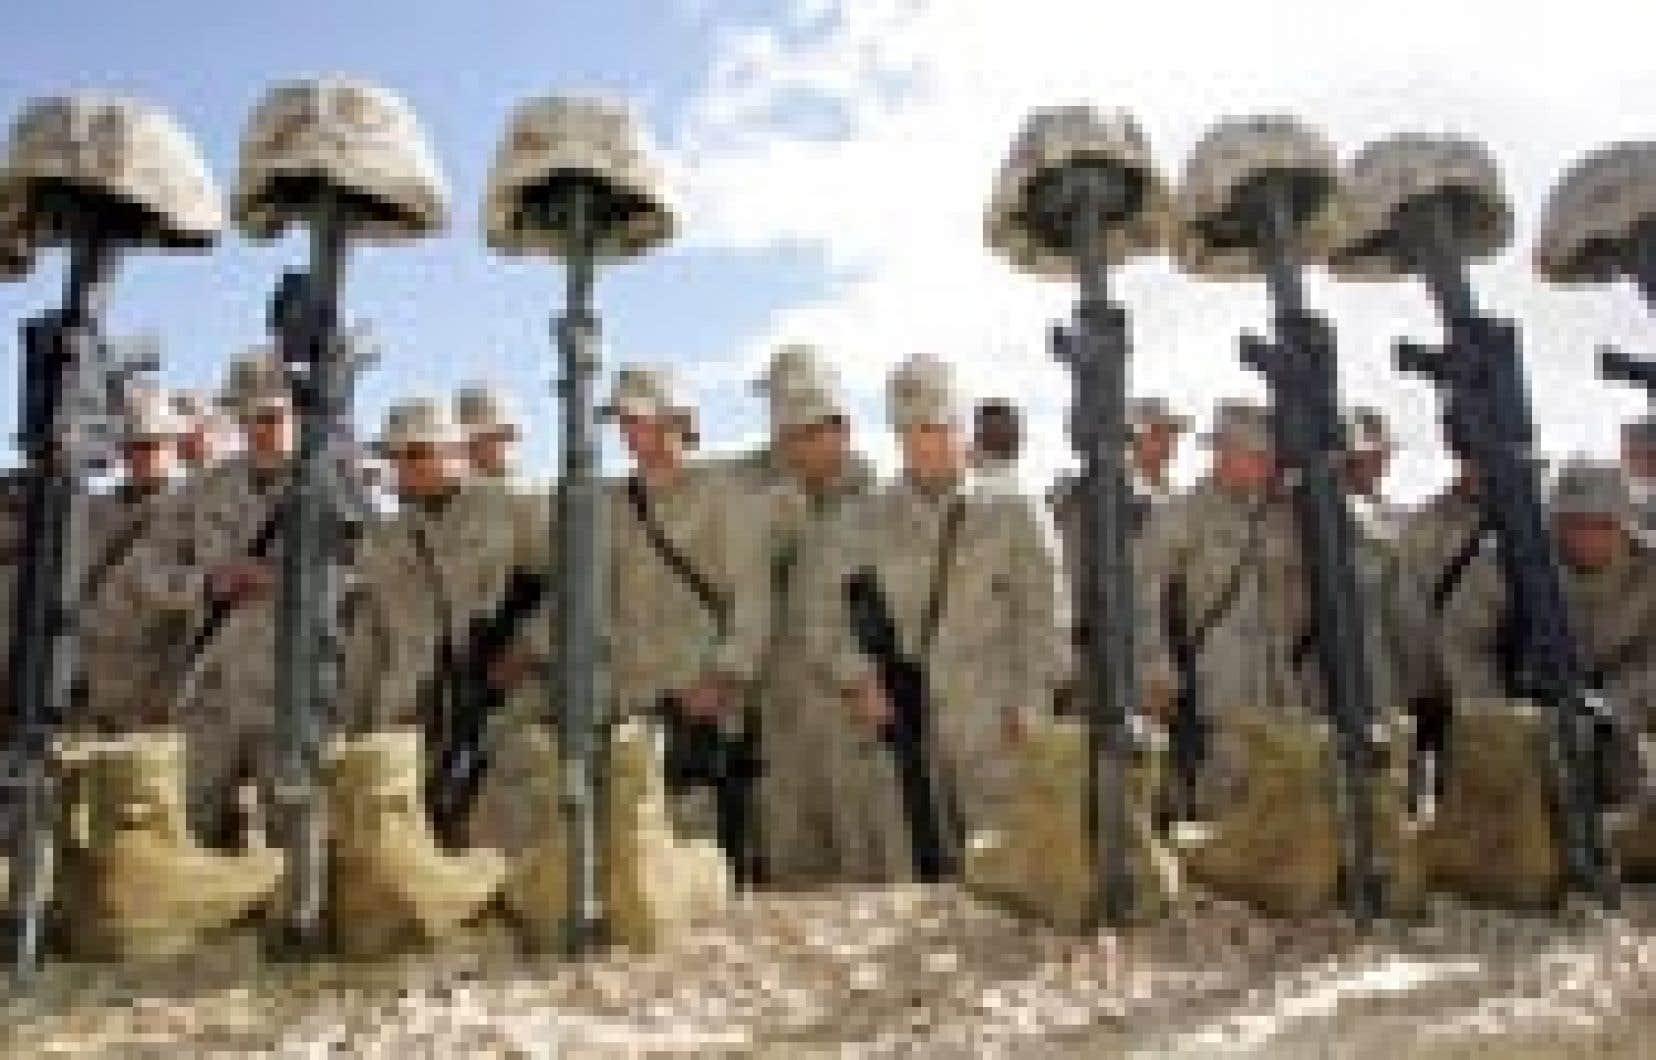 Pendant que les tractations politiques s'intensifiaient hier en Irak, des soldats américains ont honoré la mémoire de 31 des leurs morts dans l'écrasement d'un hélicoptère.